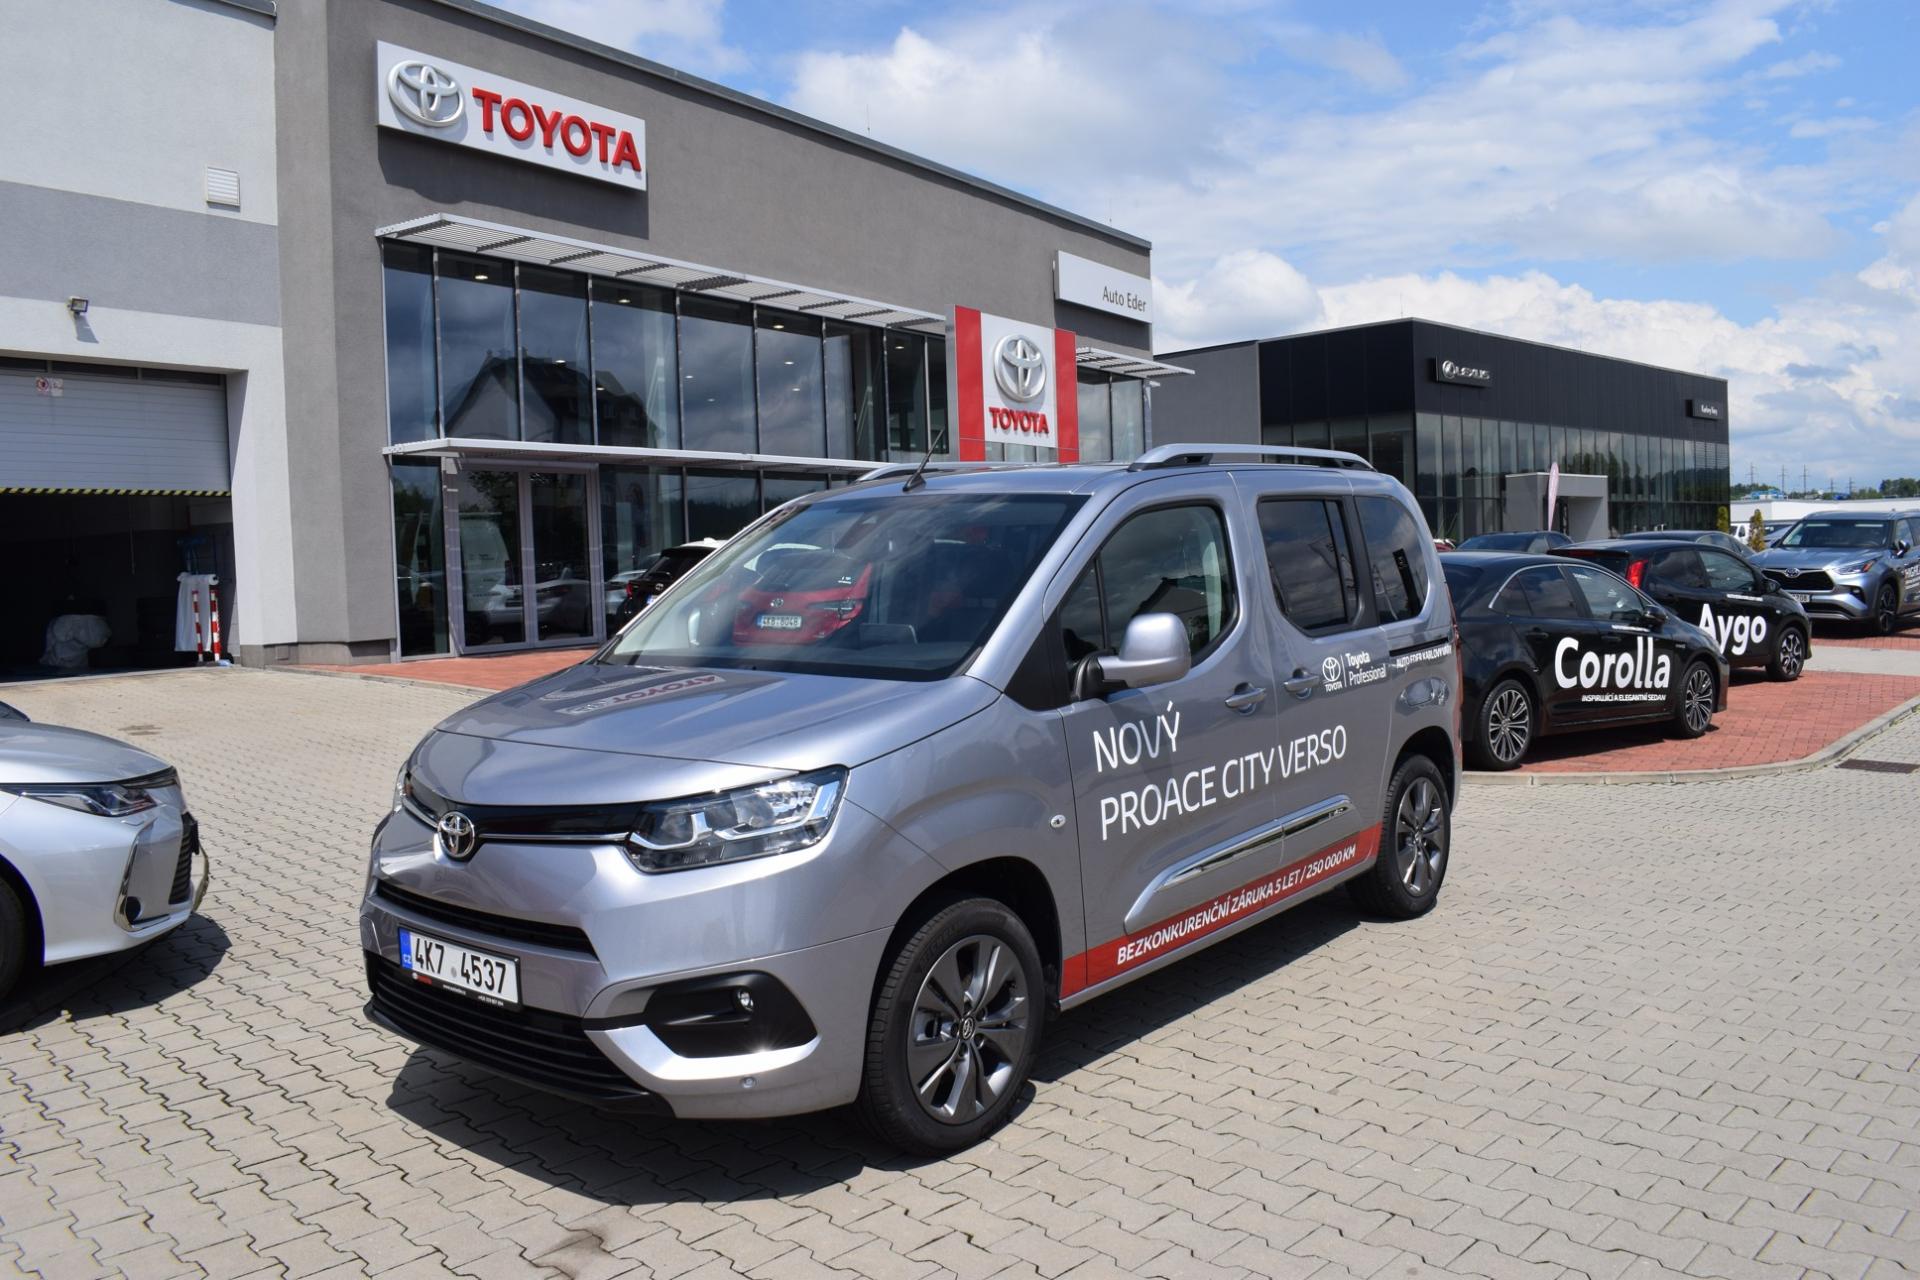 Toyota PROACE CITY VERSO Short 1.5 D-4D (130 k) Start&Stop převodovka 8 A/T Family